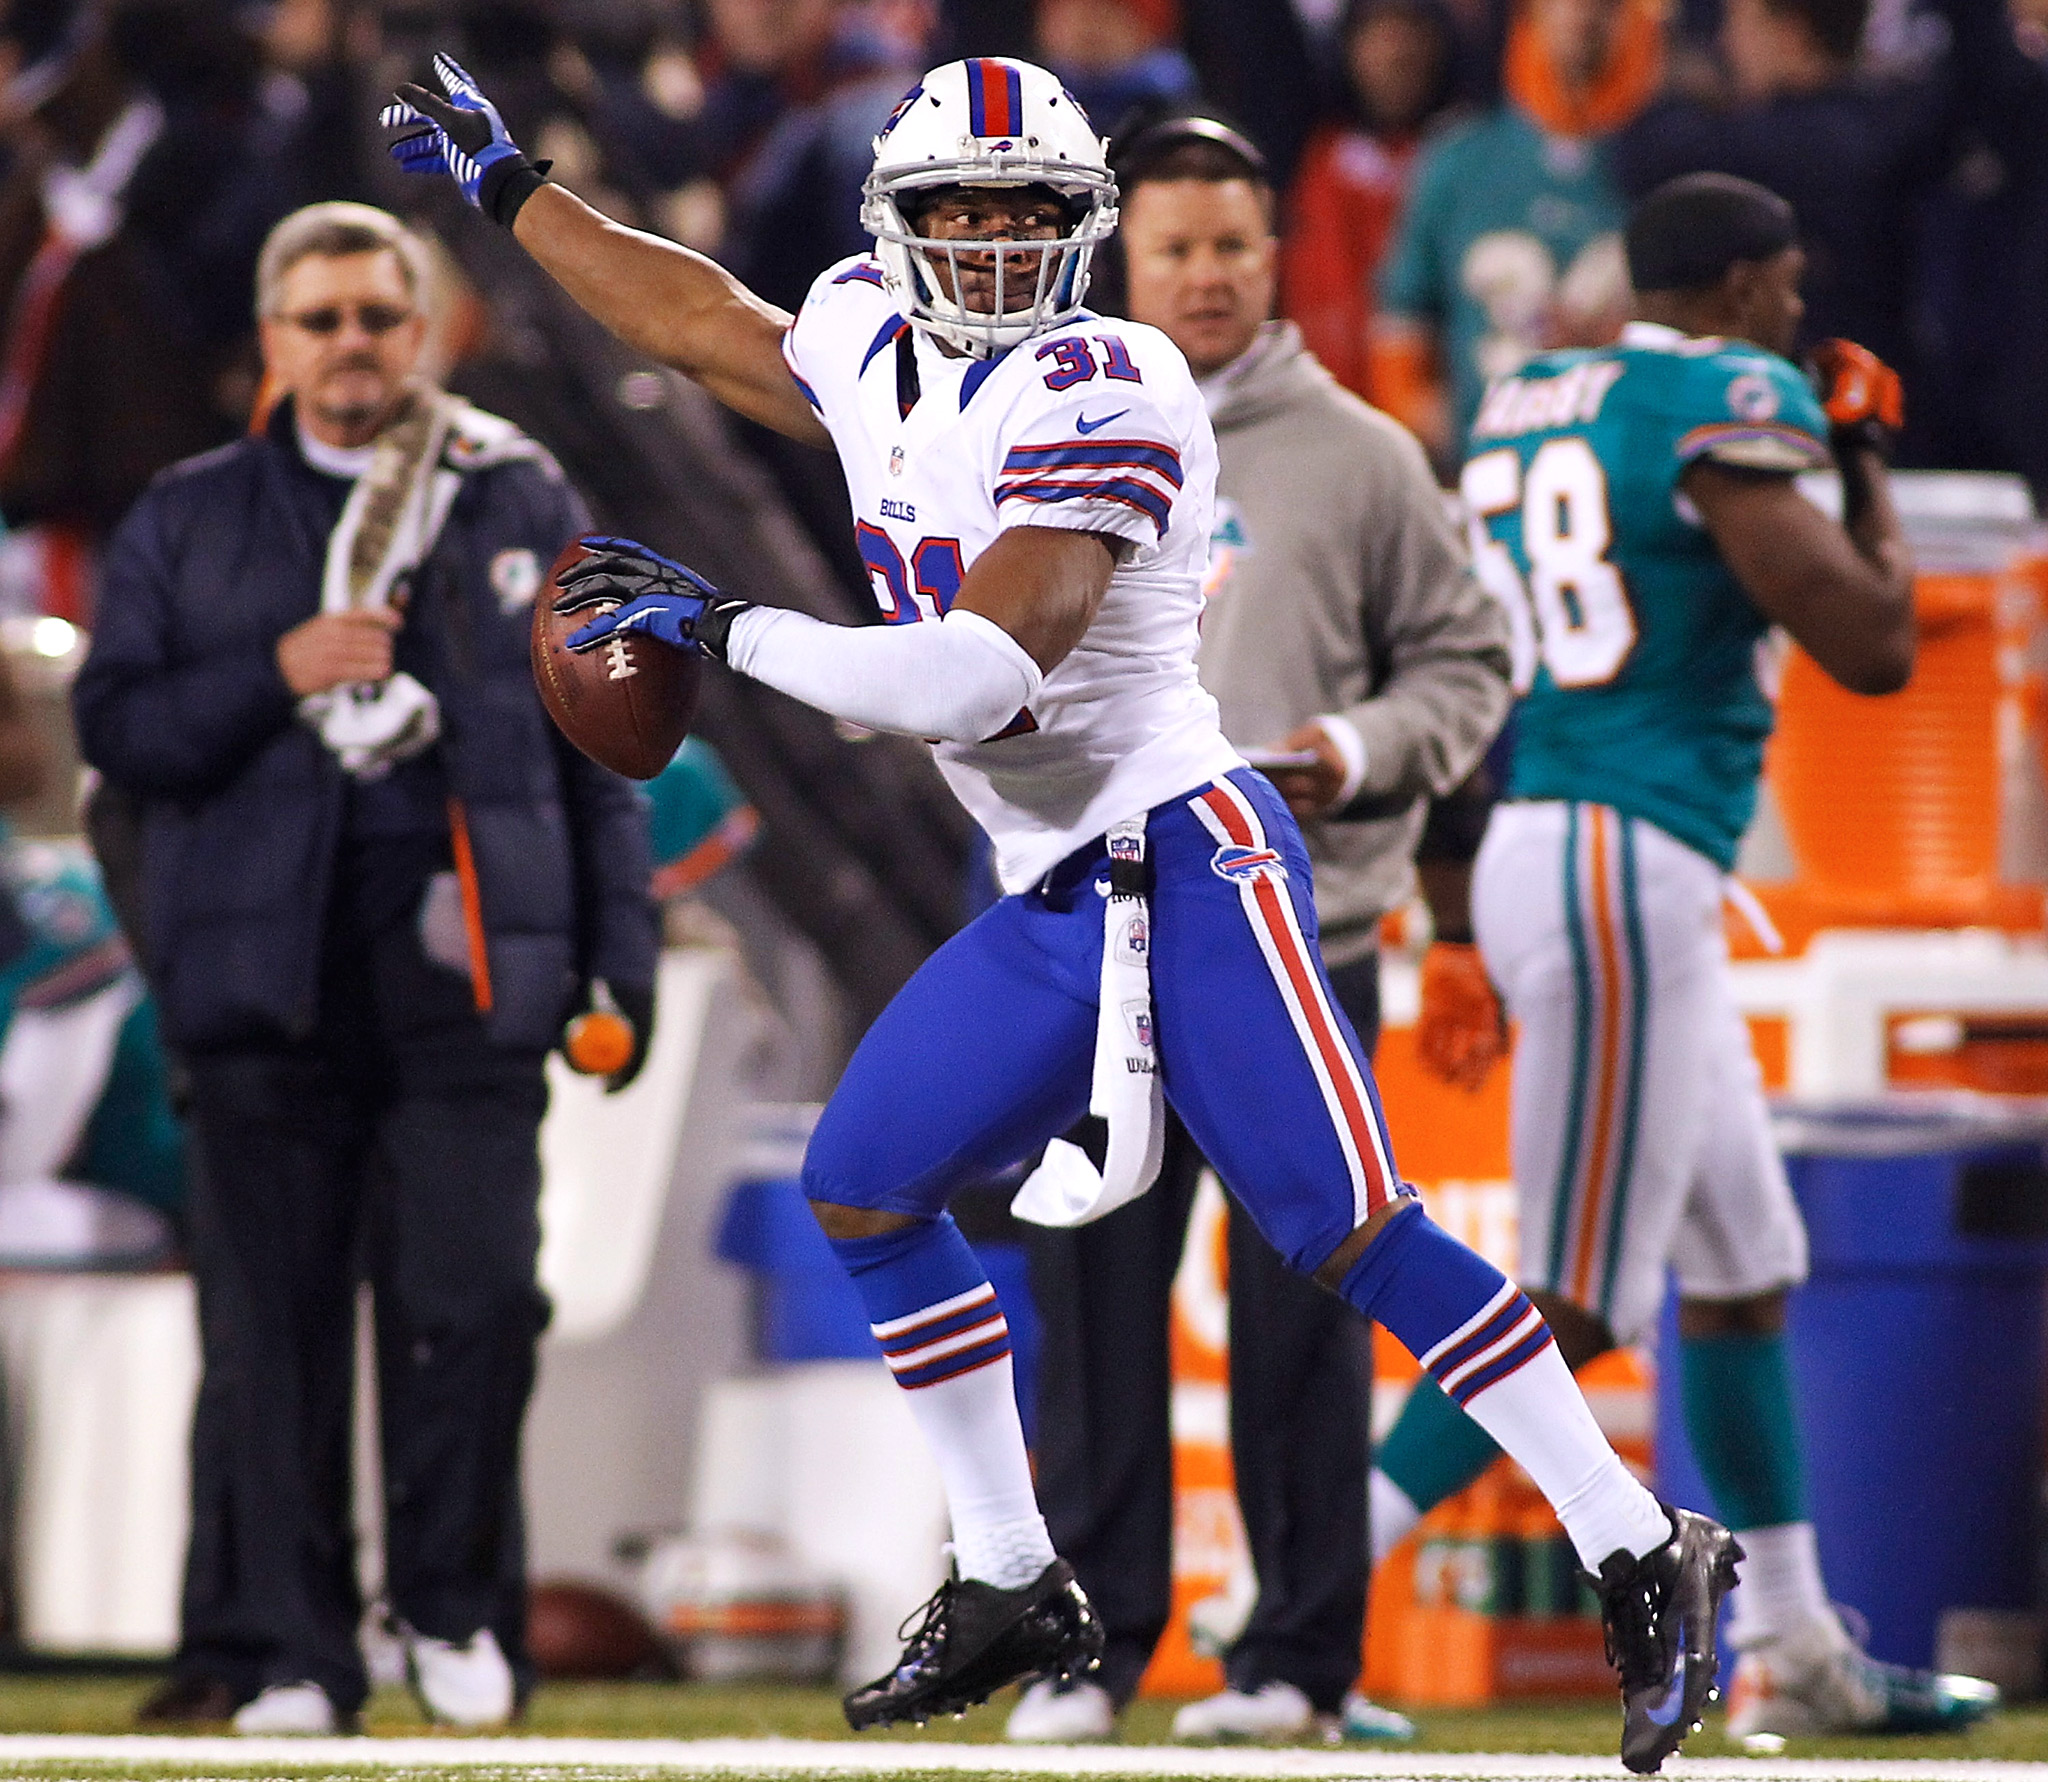 #NFLRank No. 26, Defense: Jairus Byrd